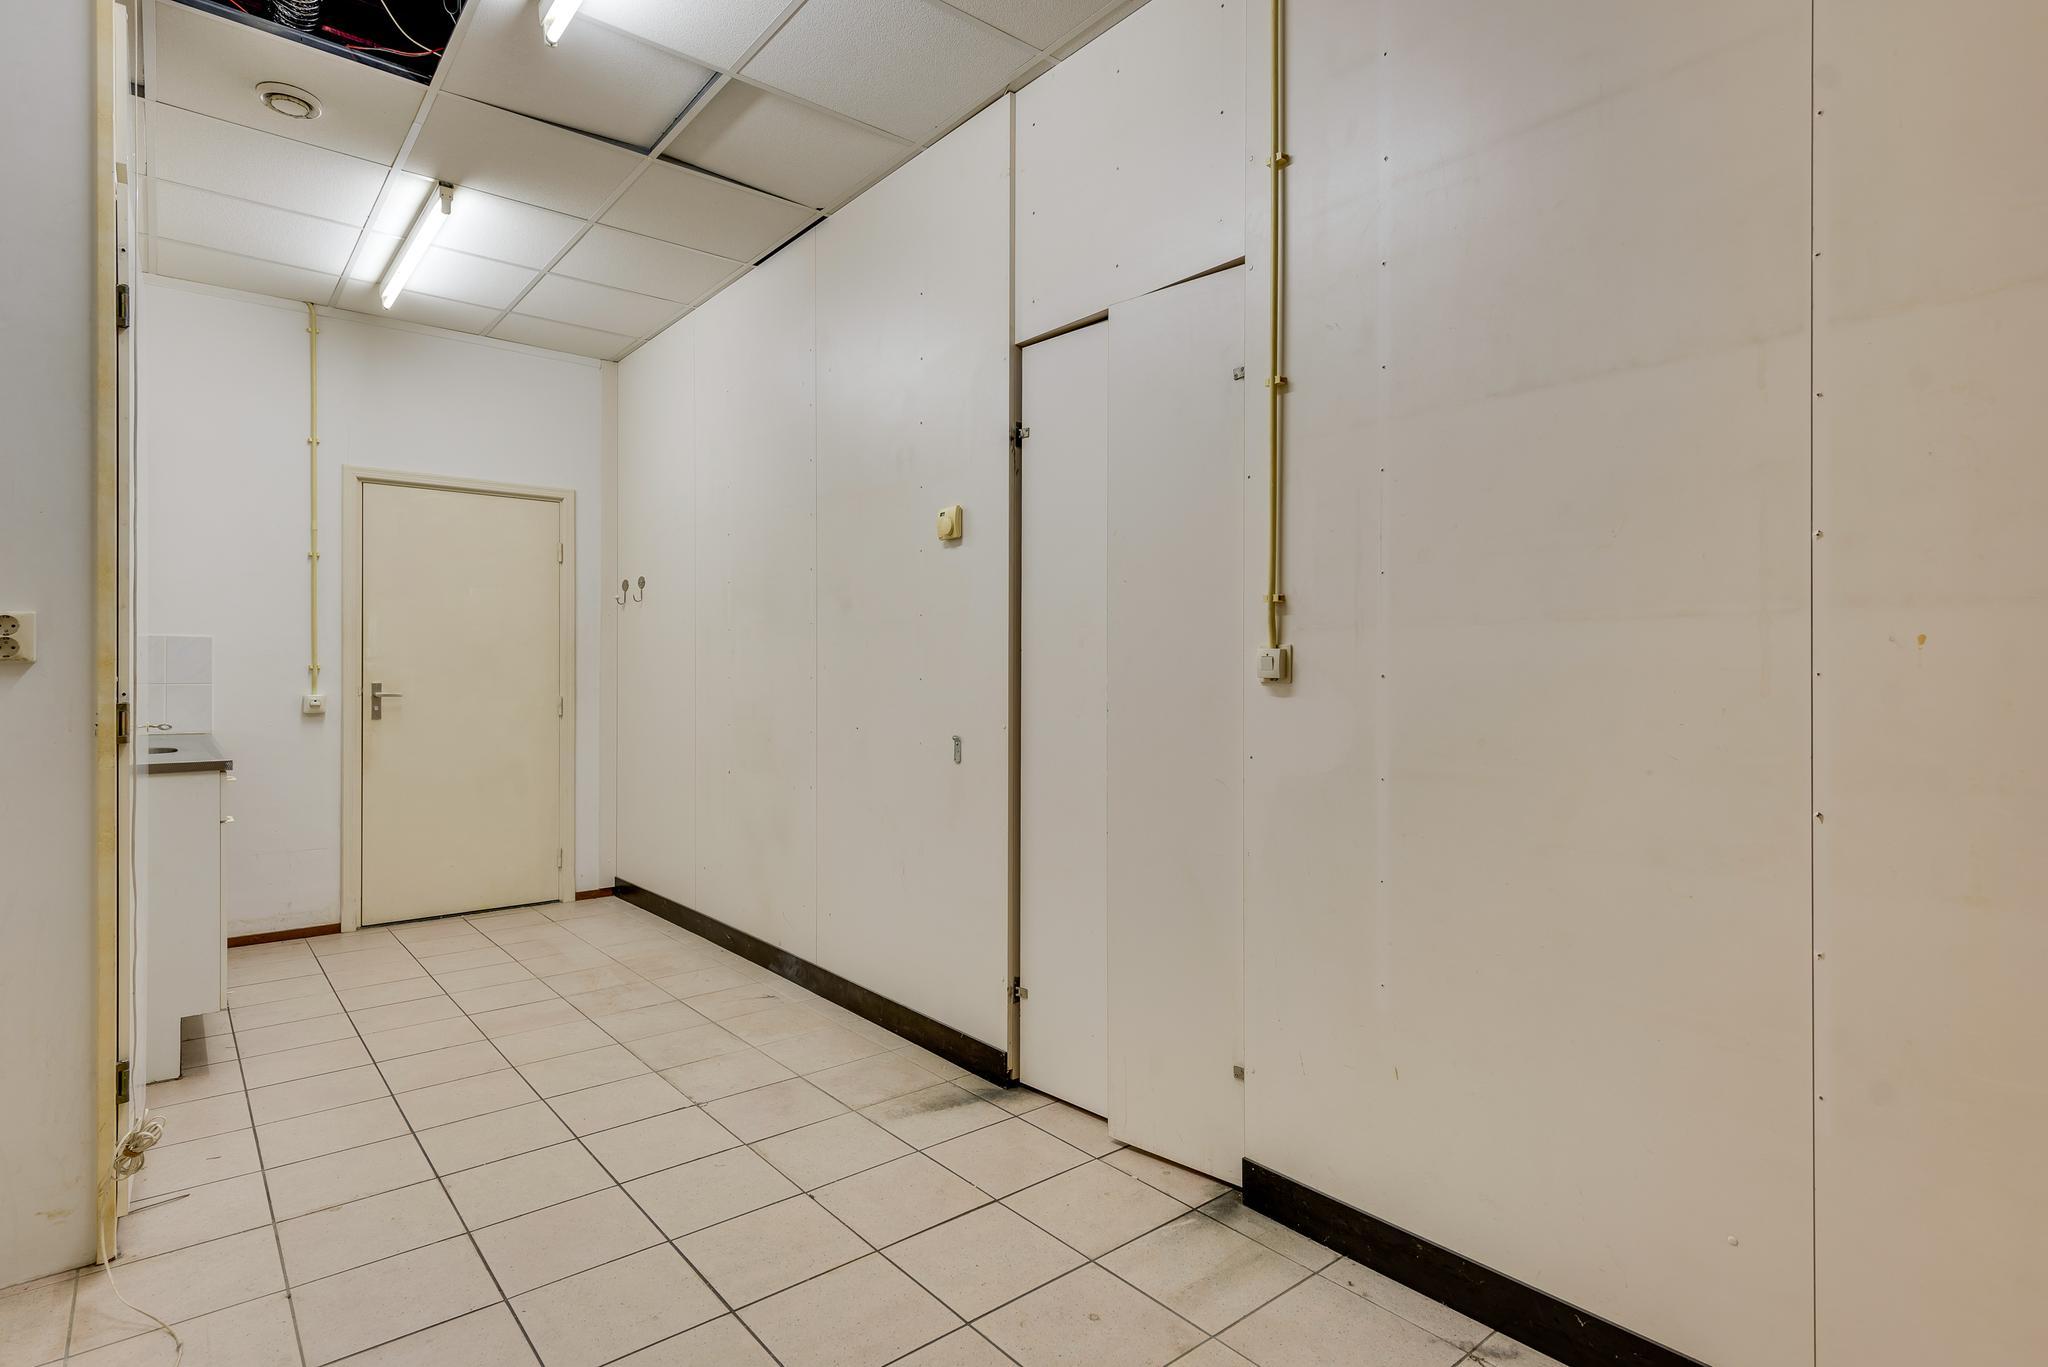 e1326b0222b Eduard Van Wegbergplein 15 in Heythuysen 6093 EX: Winkelruimte te huur. -  Hermans Bedrijfsmakelaars B.V.